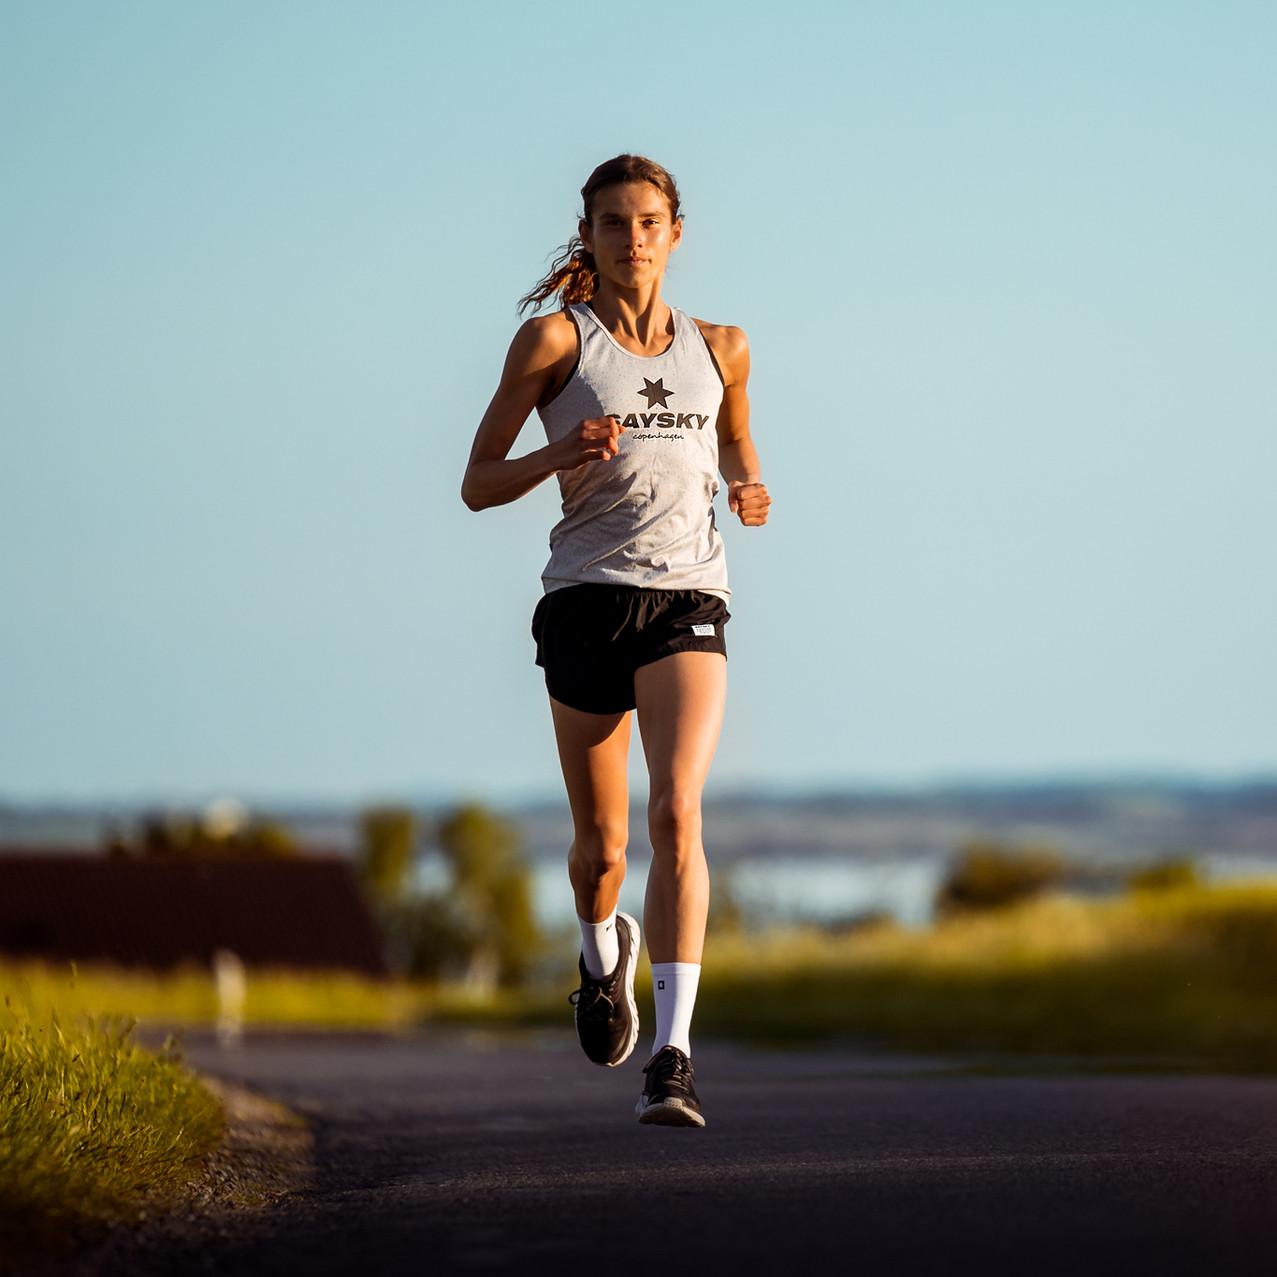 Runner Cecilie Marcimak